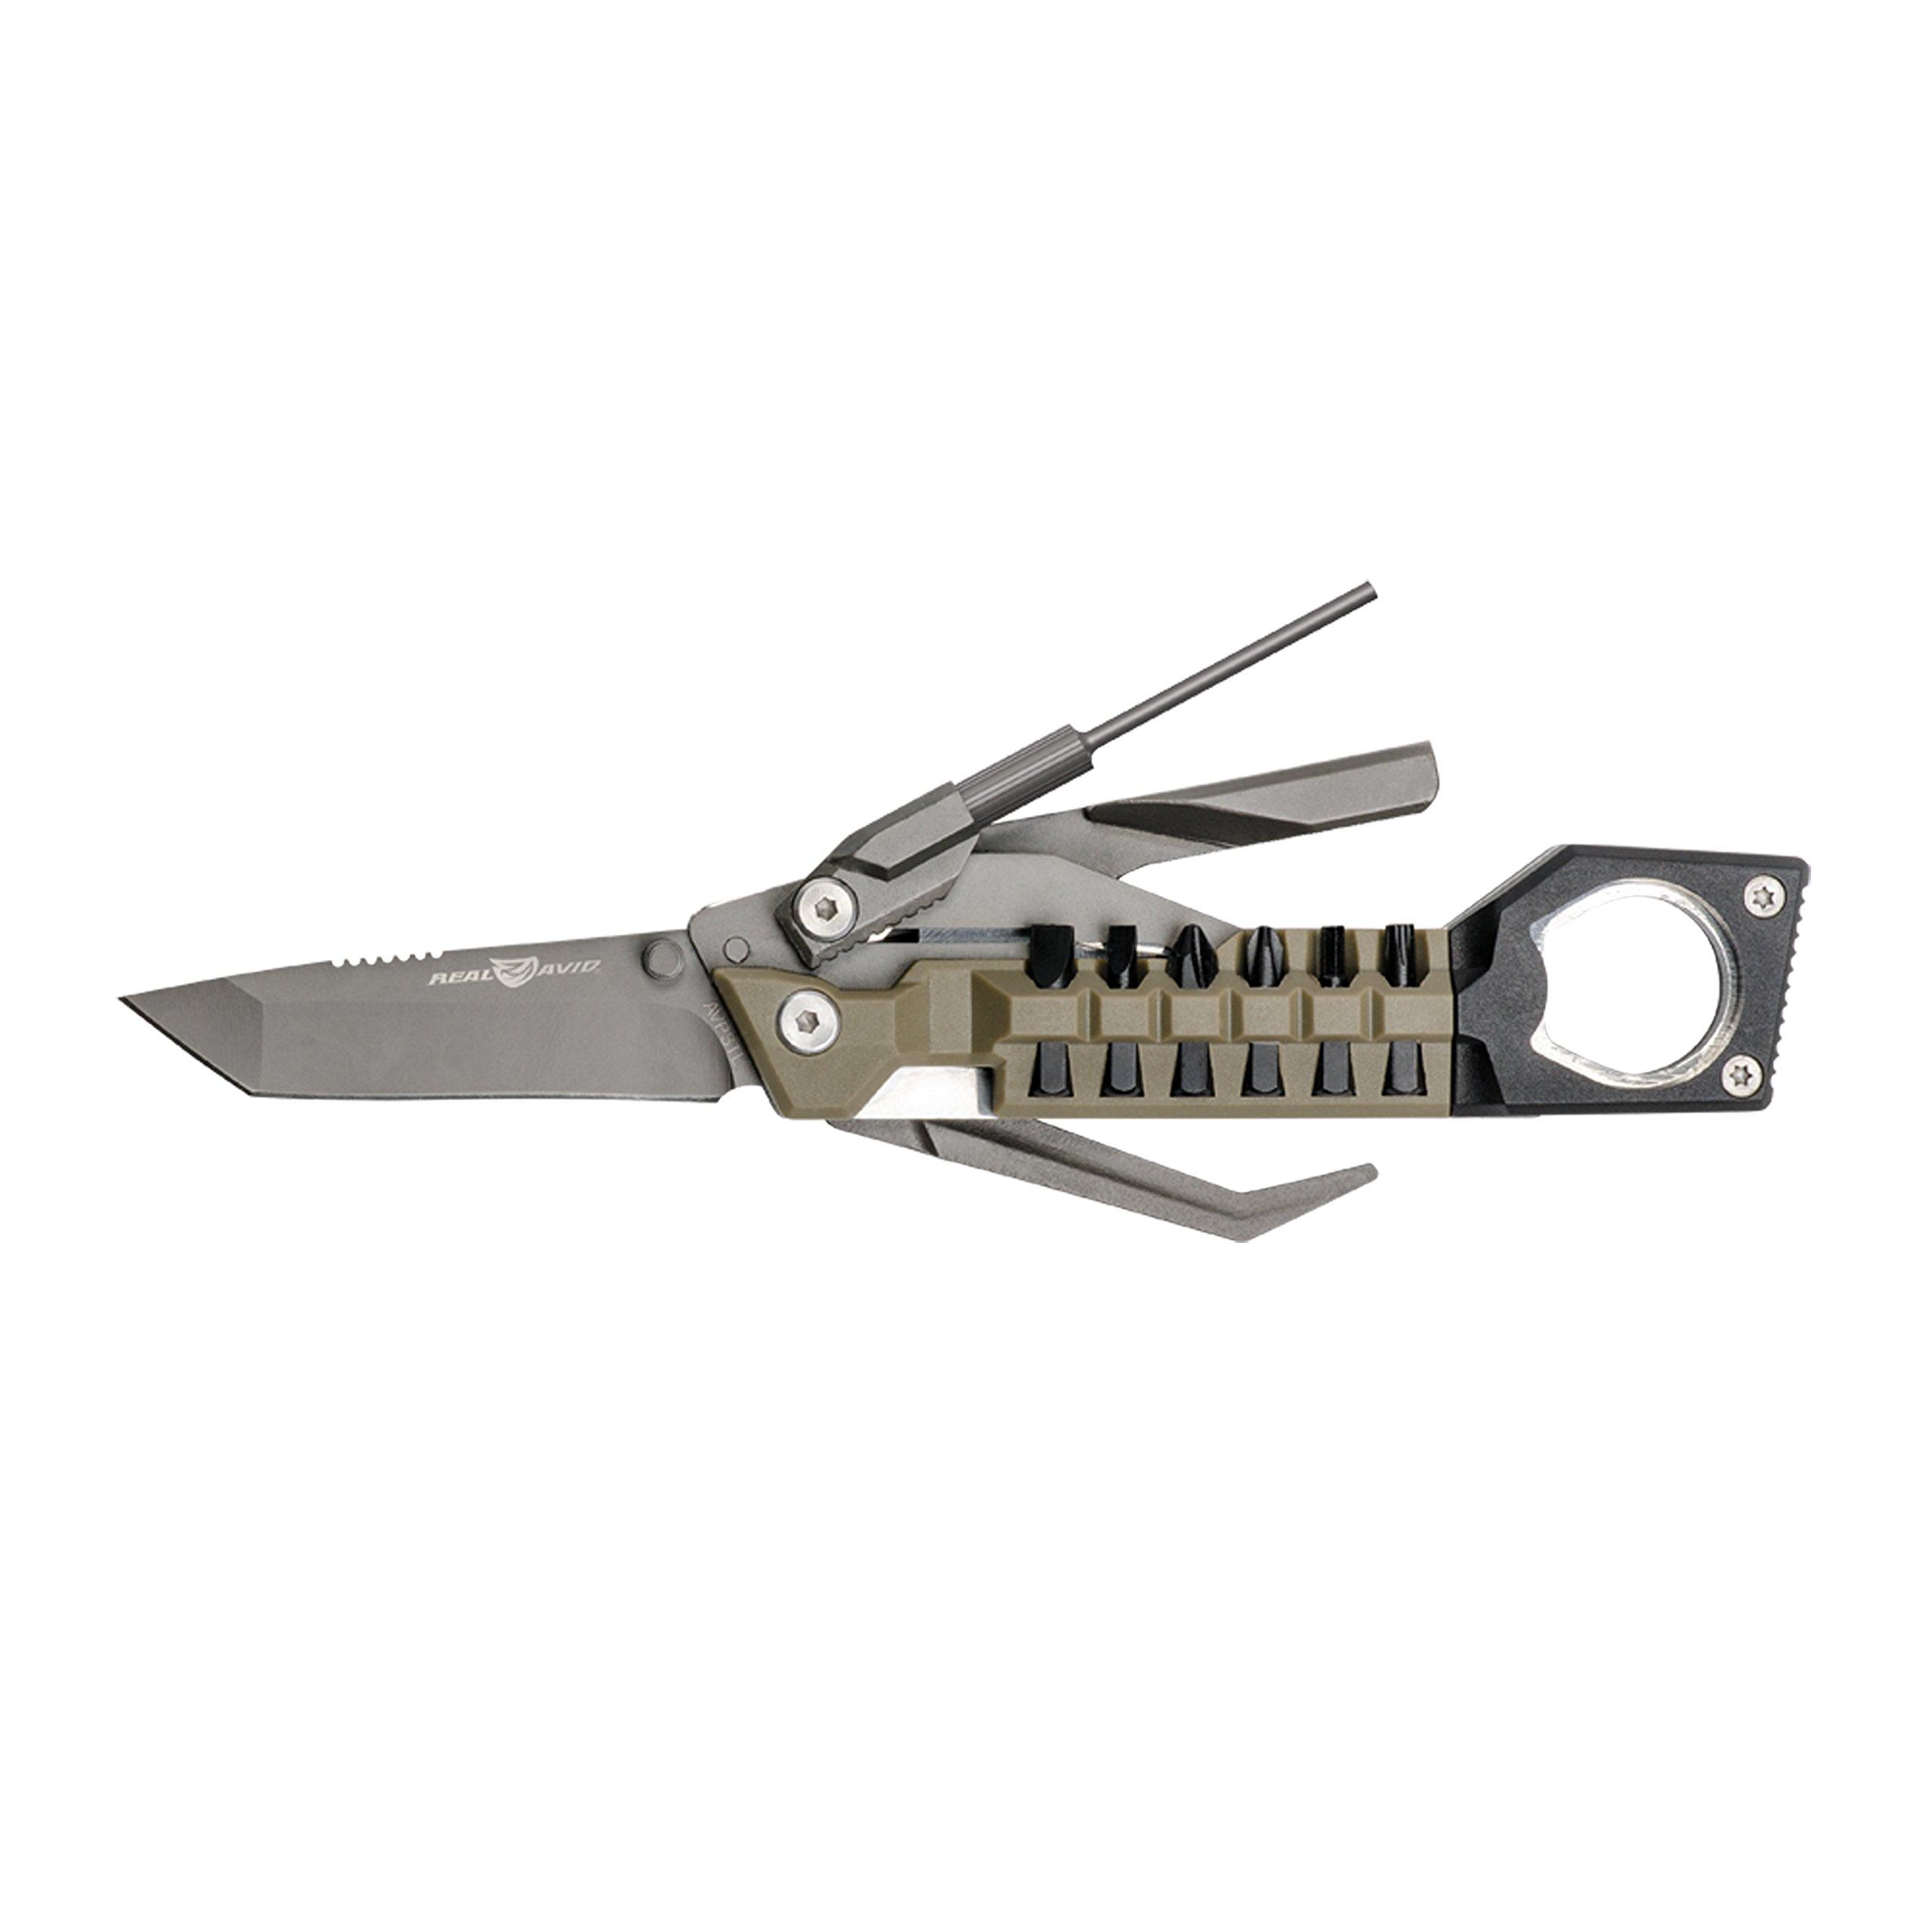 Real Avid The Pistol Tool - 19-in-1 Pistol Multitool by Real Avid